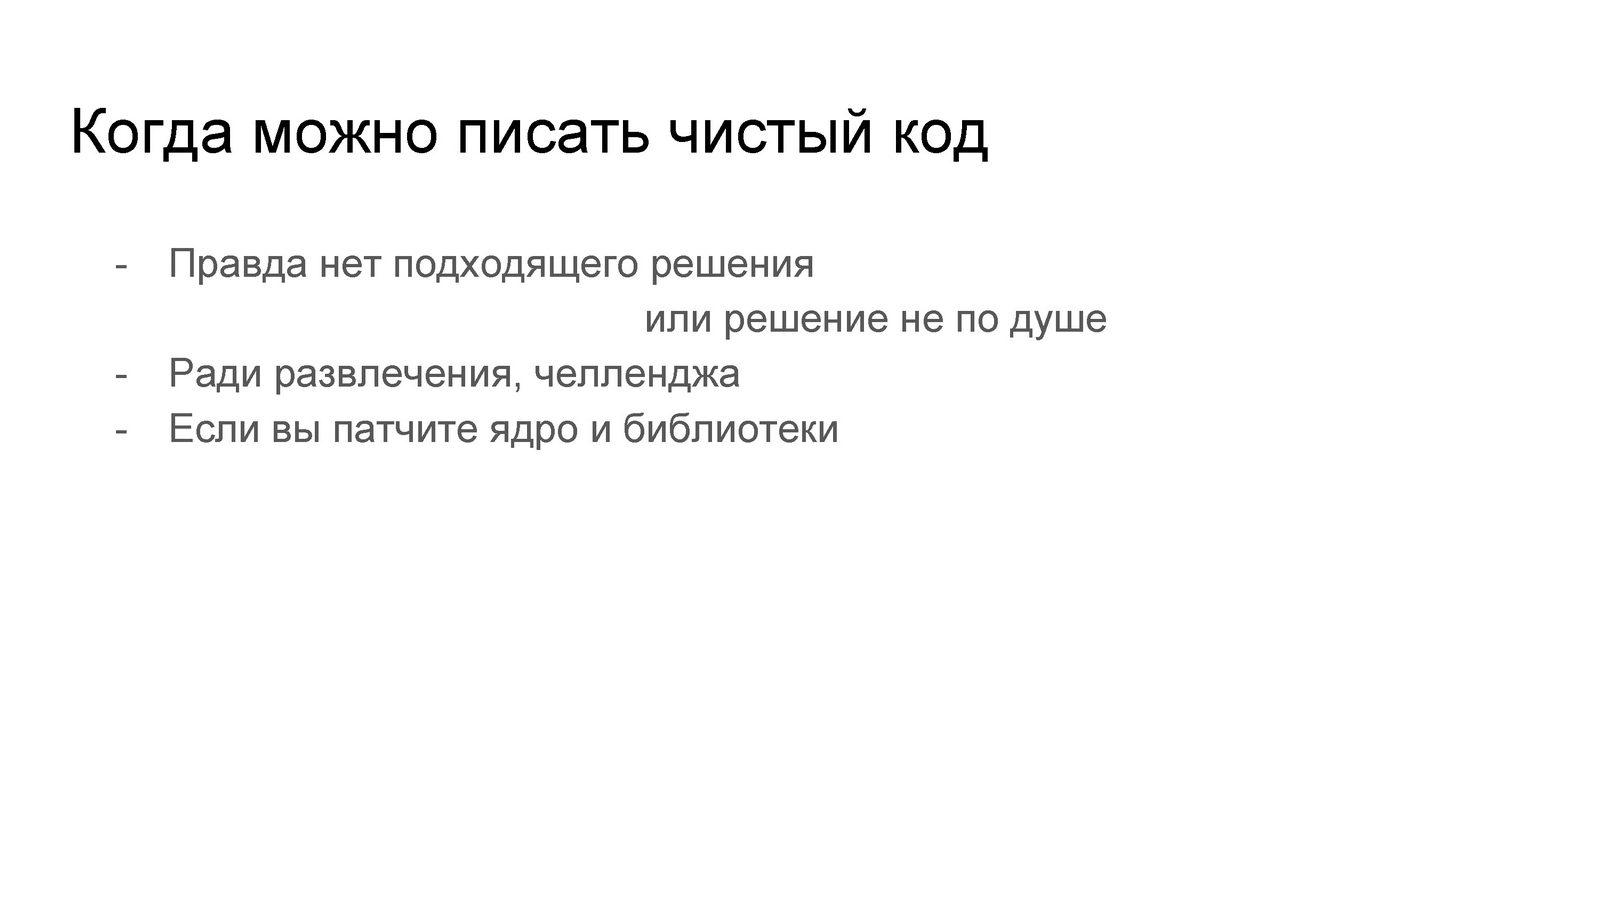 Чистый код или WordPress — Геннадий Ковшенин_Page_48